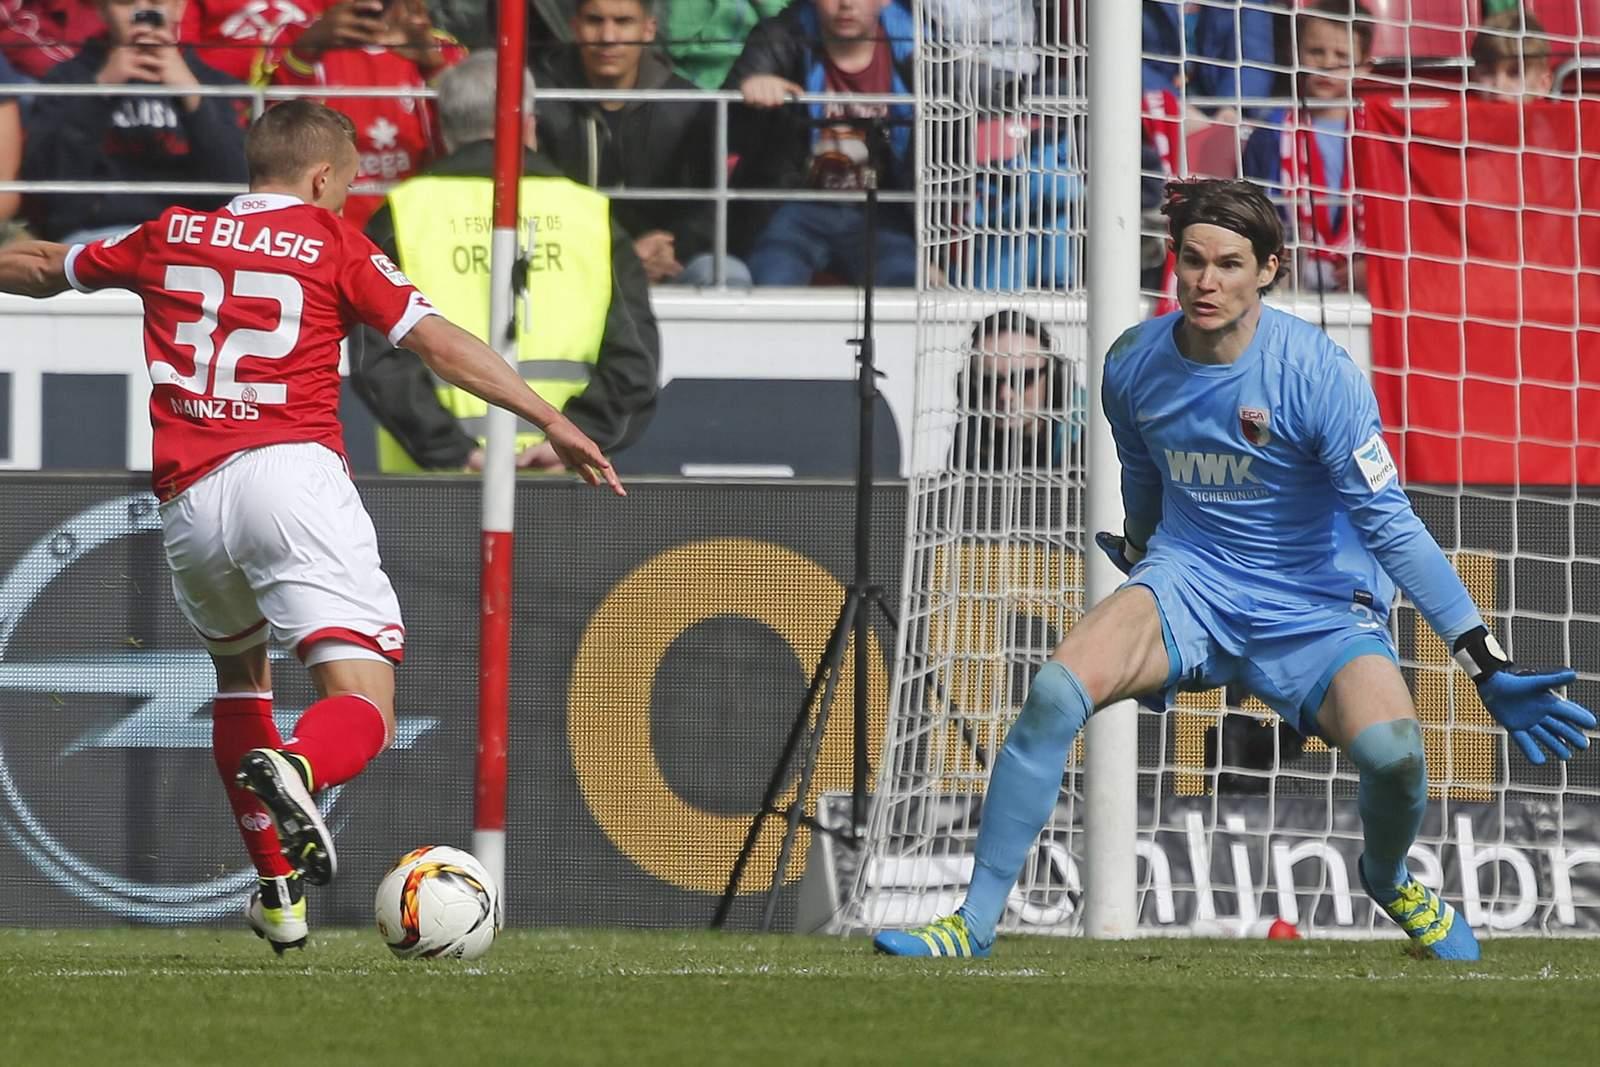 Pablo de Blasis alleine vor Marwin Hitz. Jetzt auf Mainz gegen Augsburg wetten!